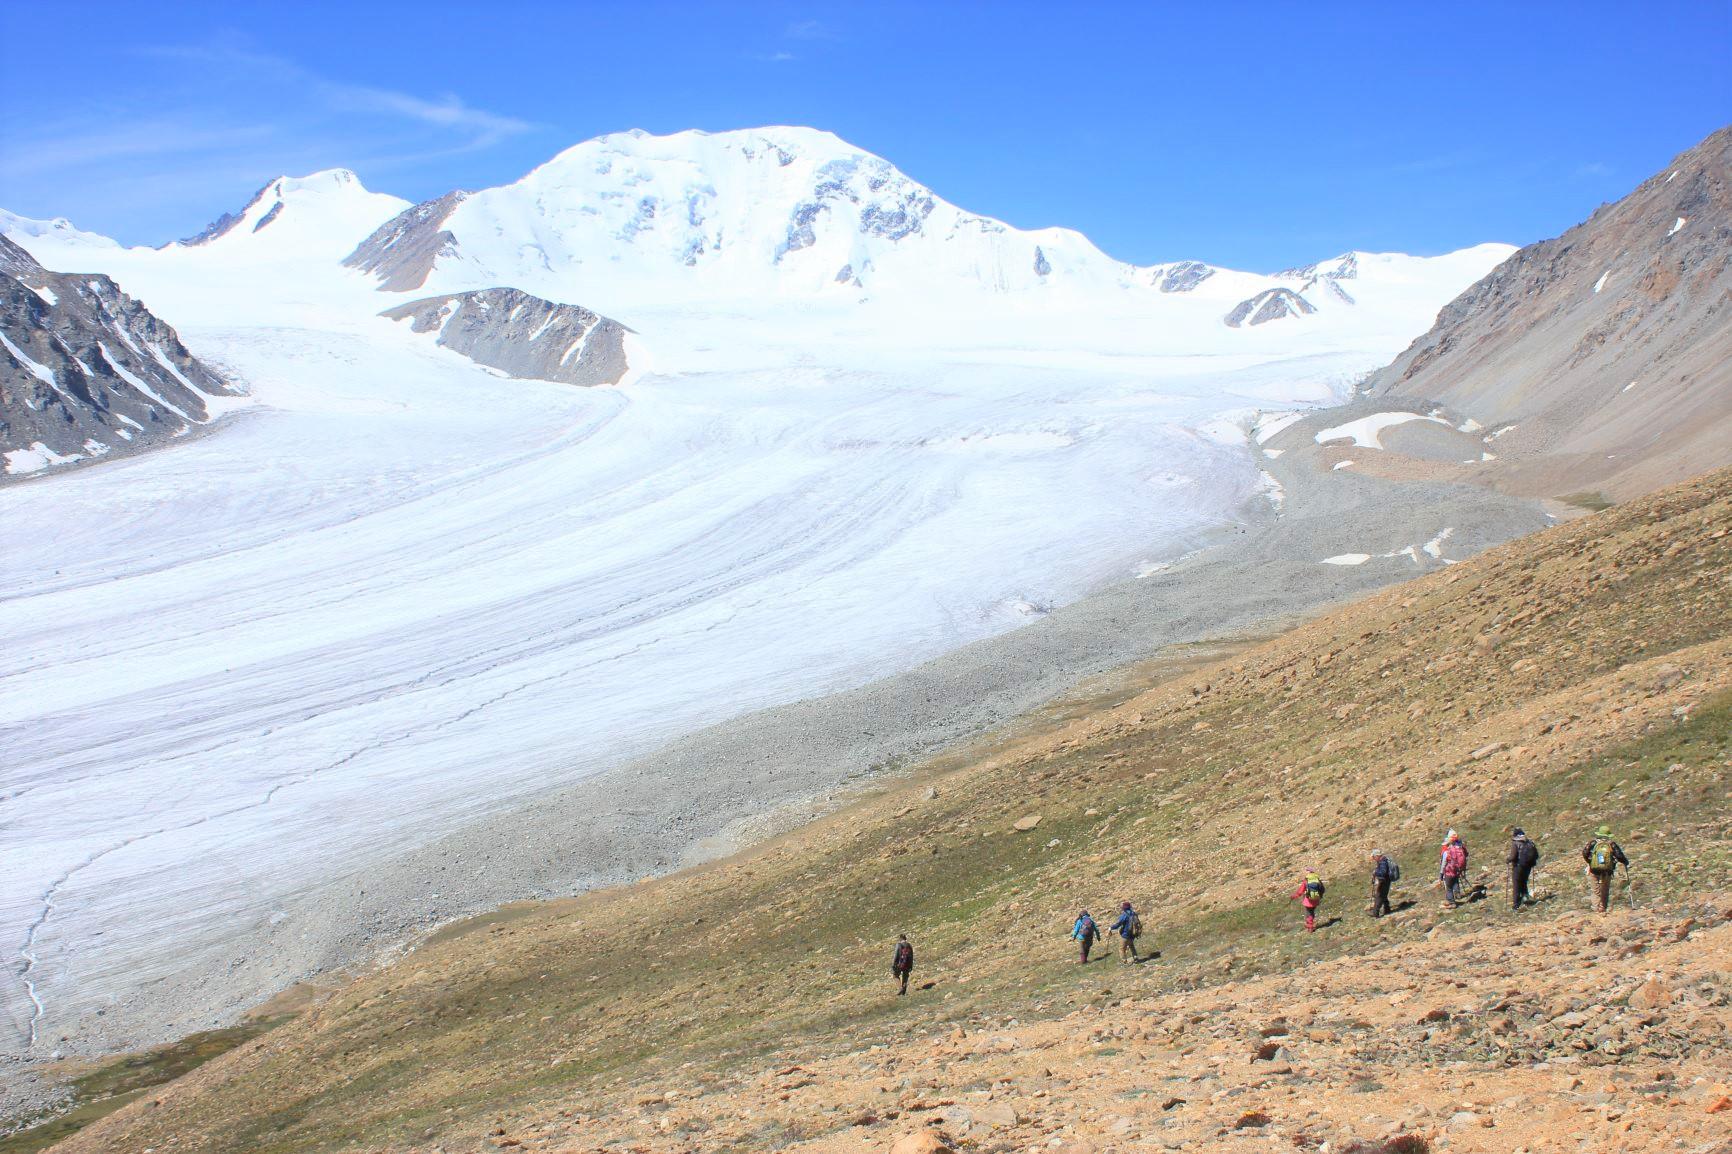 モンゴル・タバンボグド山群と氷河展望、フラワートレッキング 10日間